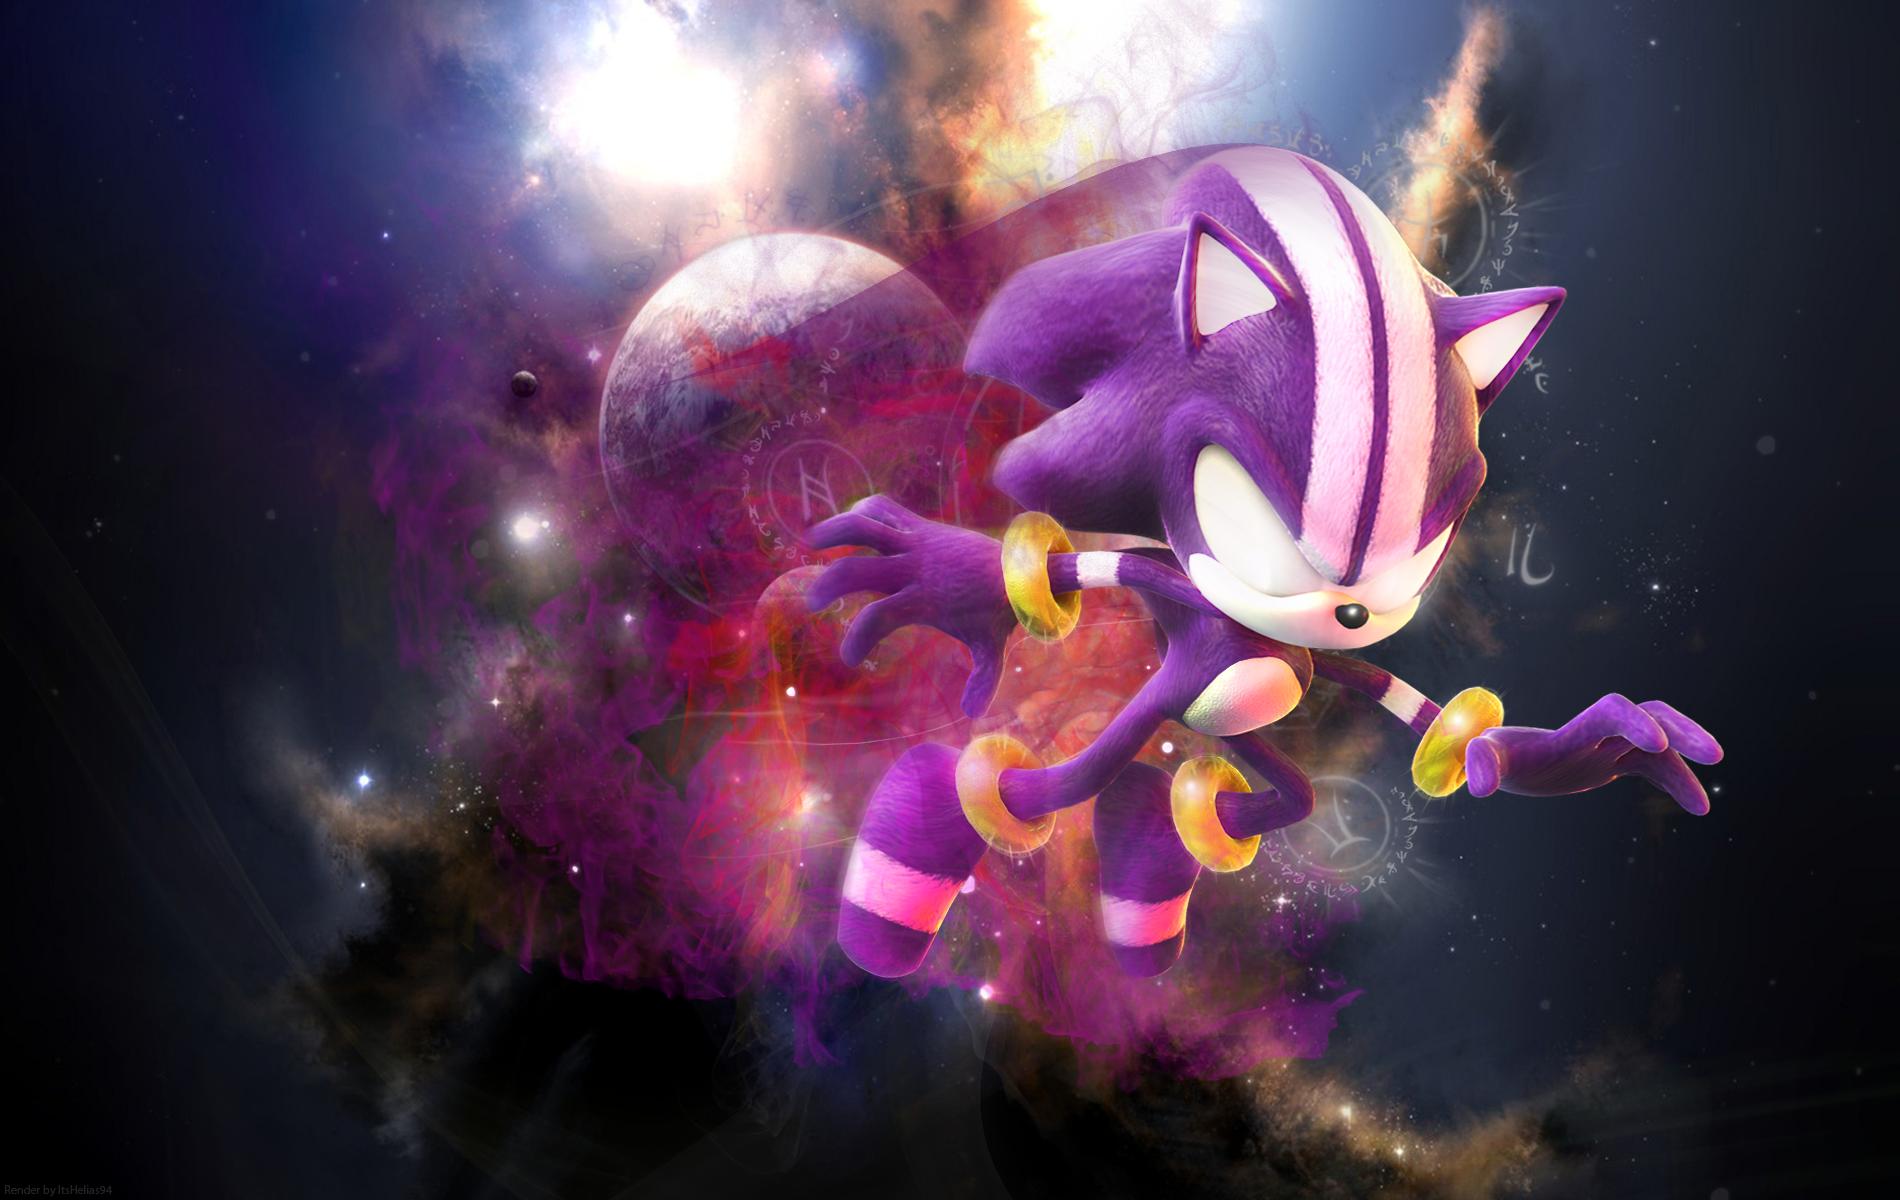 Darkspine Sonic by itsHelias94